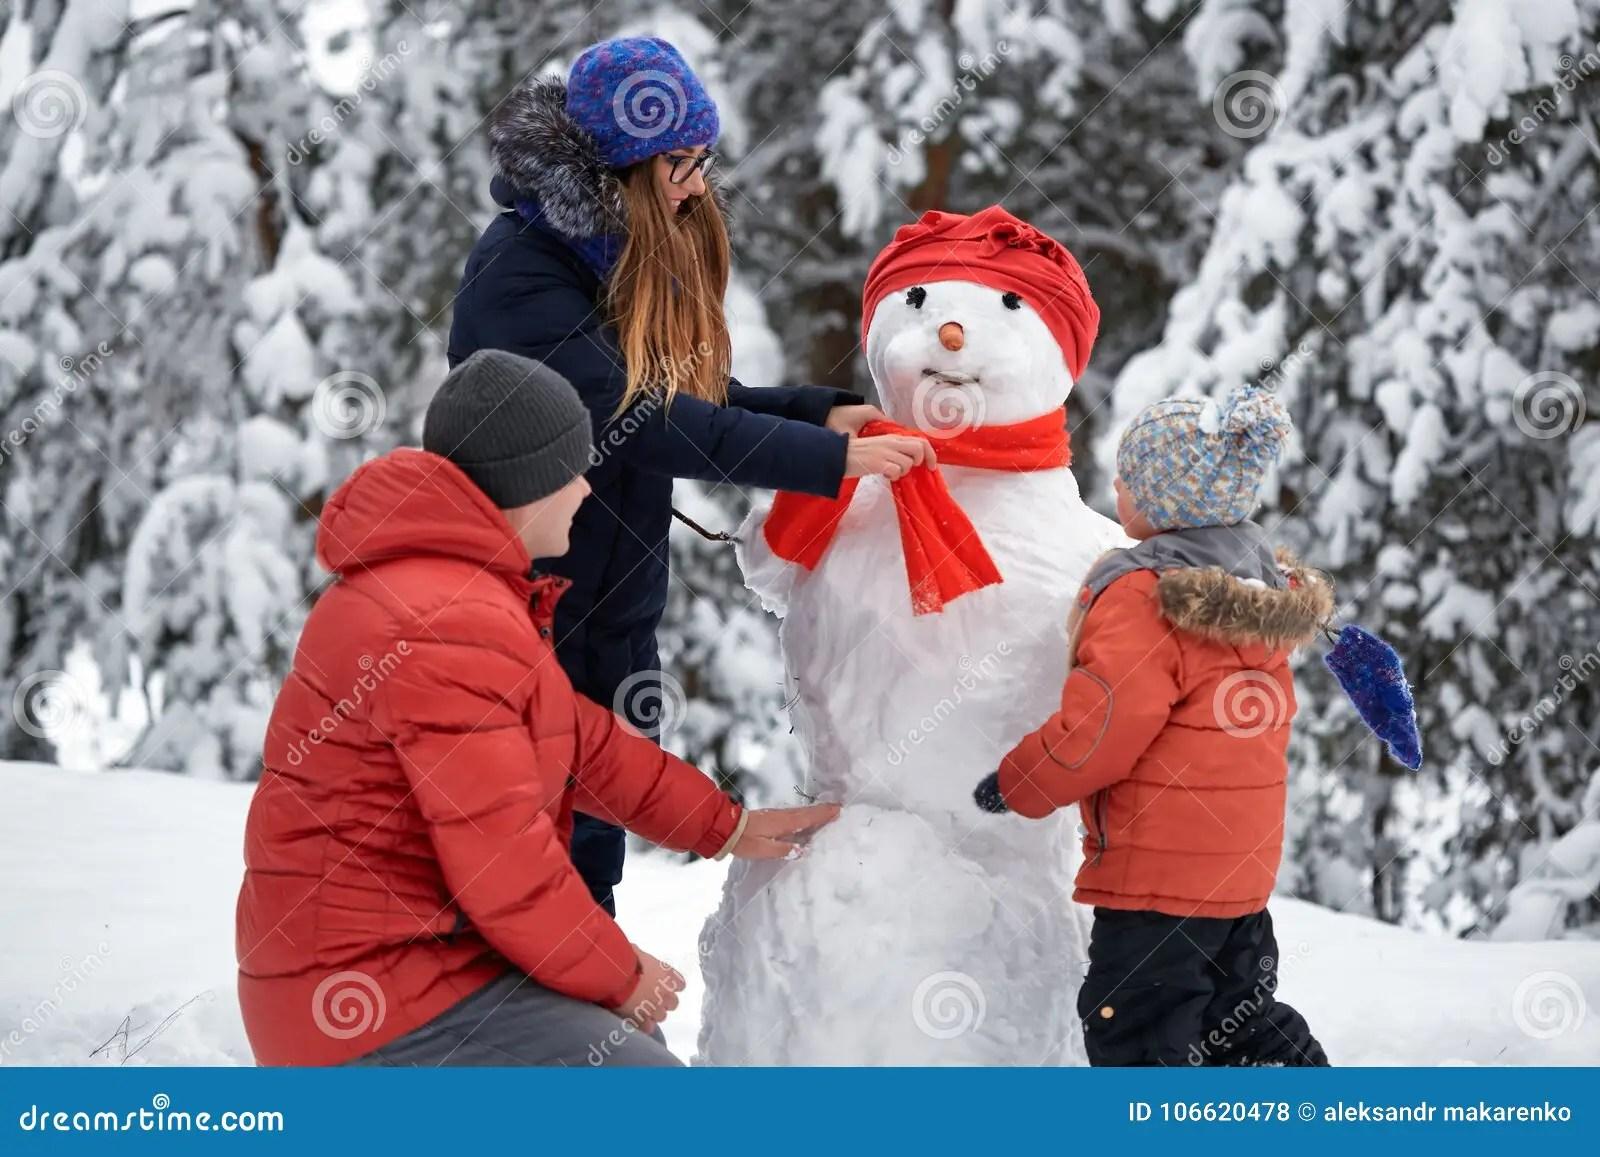 Winter Fun A Girl A Man And A Boy Making A Snowman